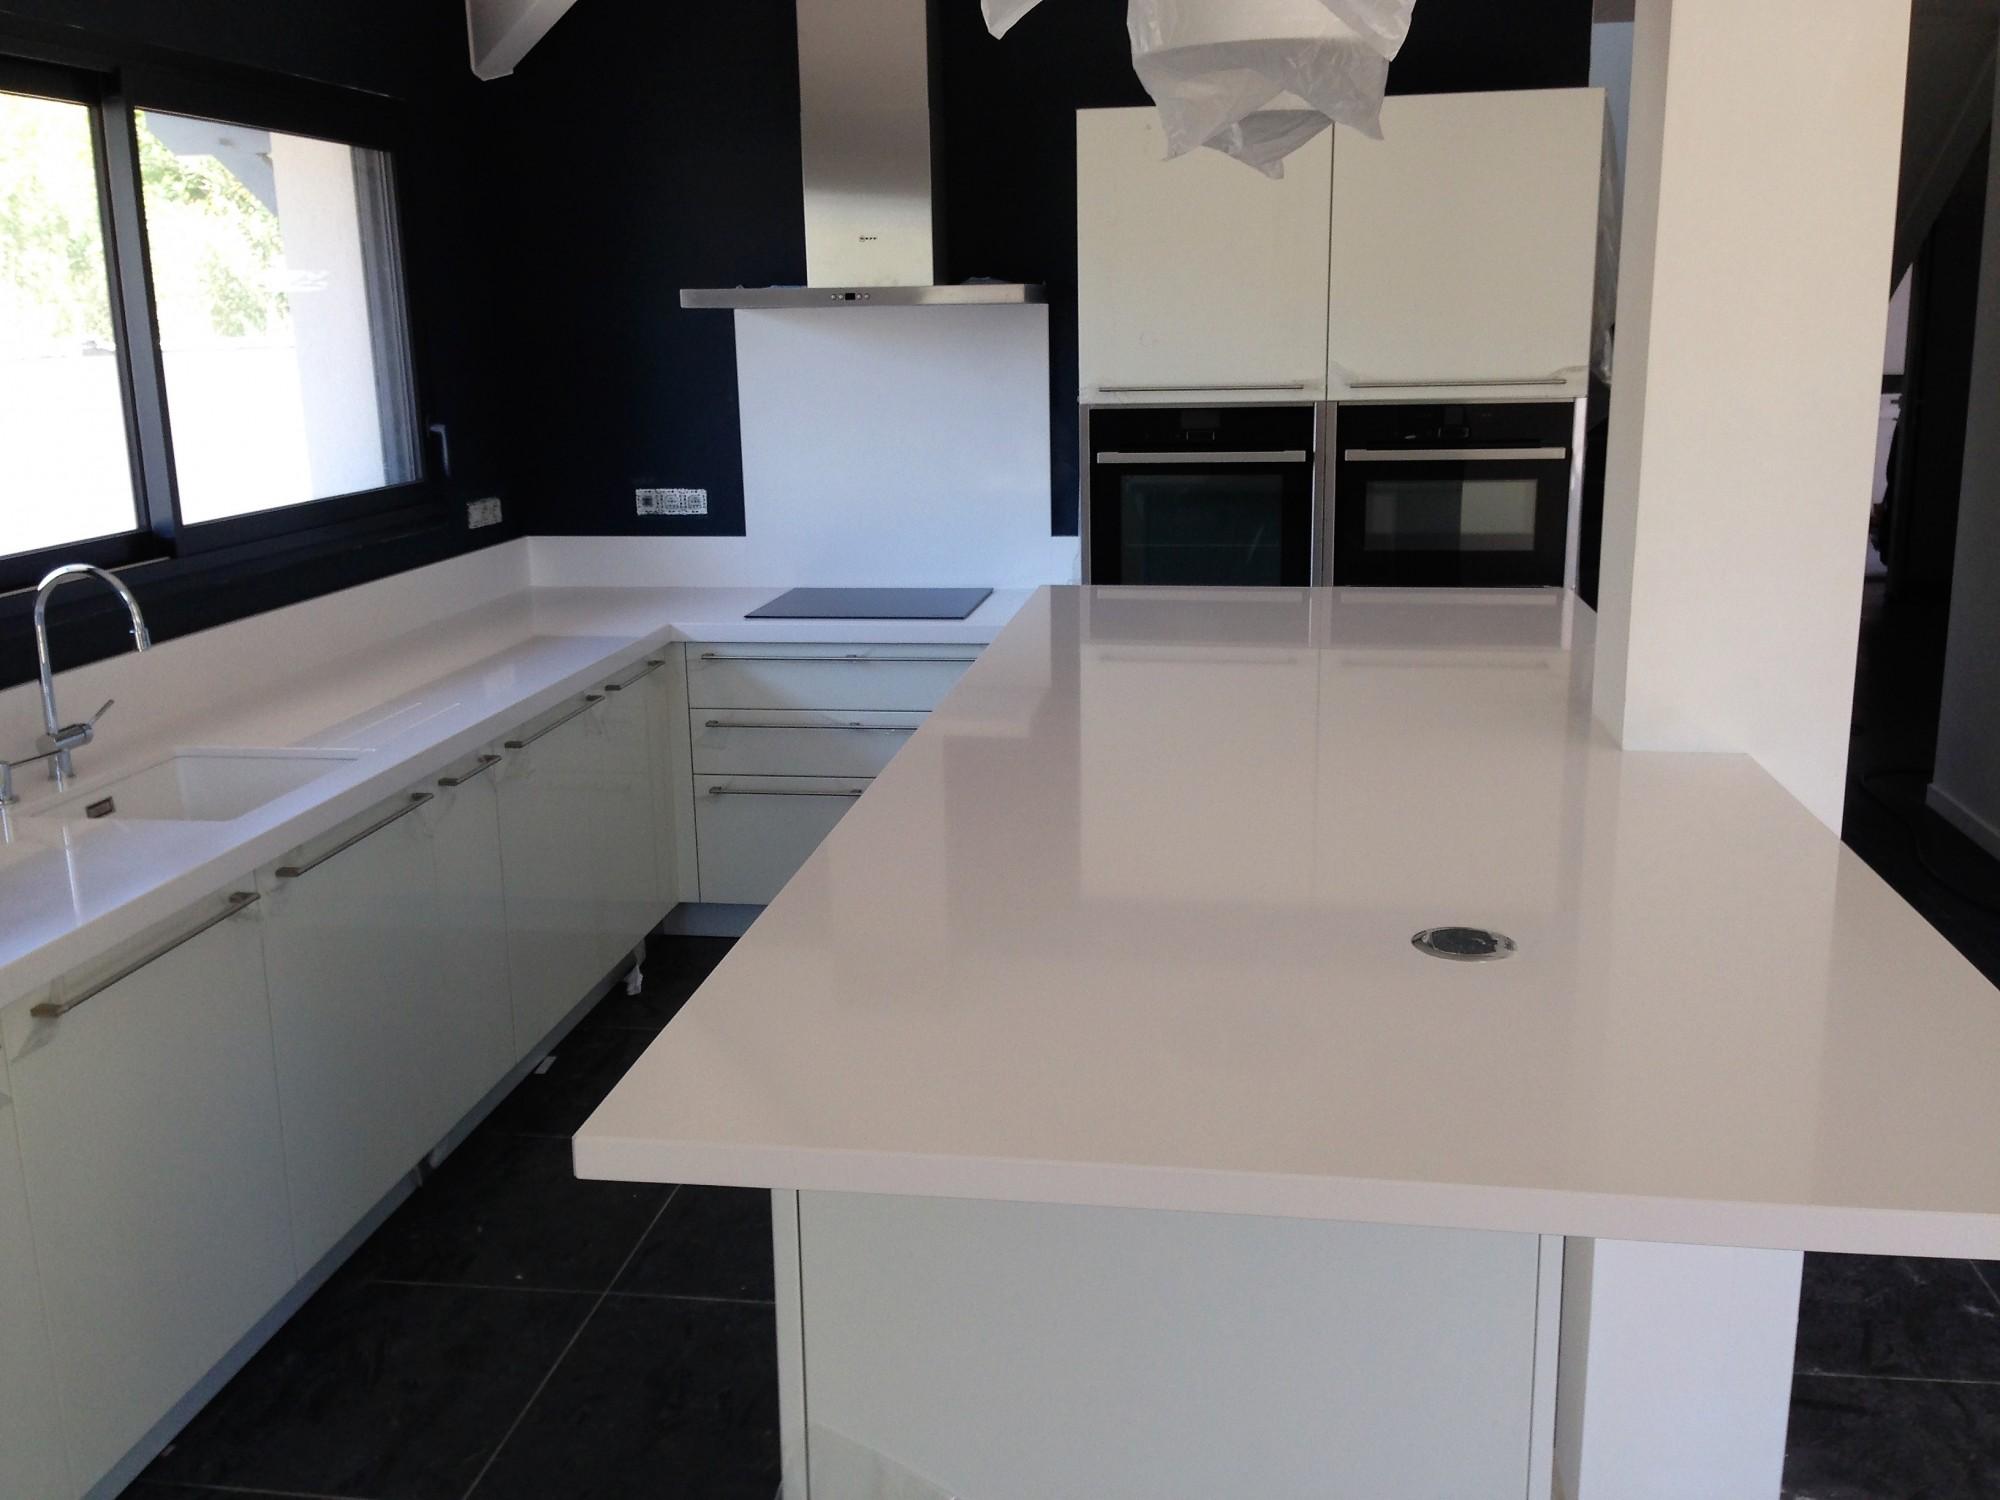 quartz silestone blanco zeus chez hm deco en gironde bordeaux hm deco. Black Bedroom Furniture Sets. Home Design Ideas